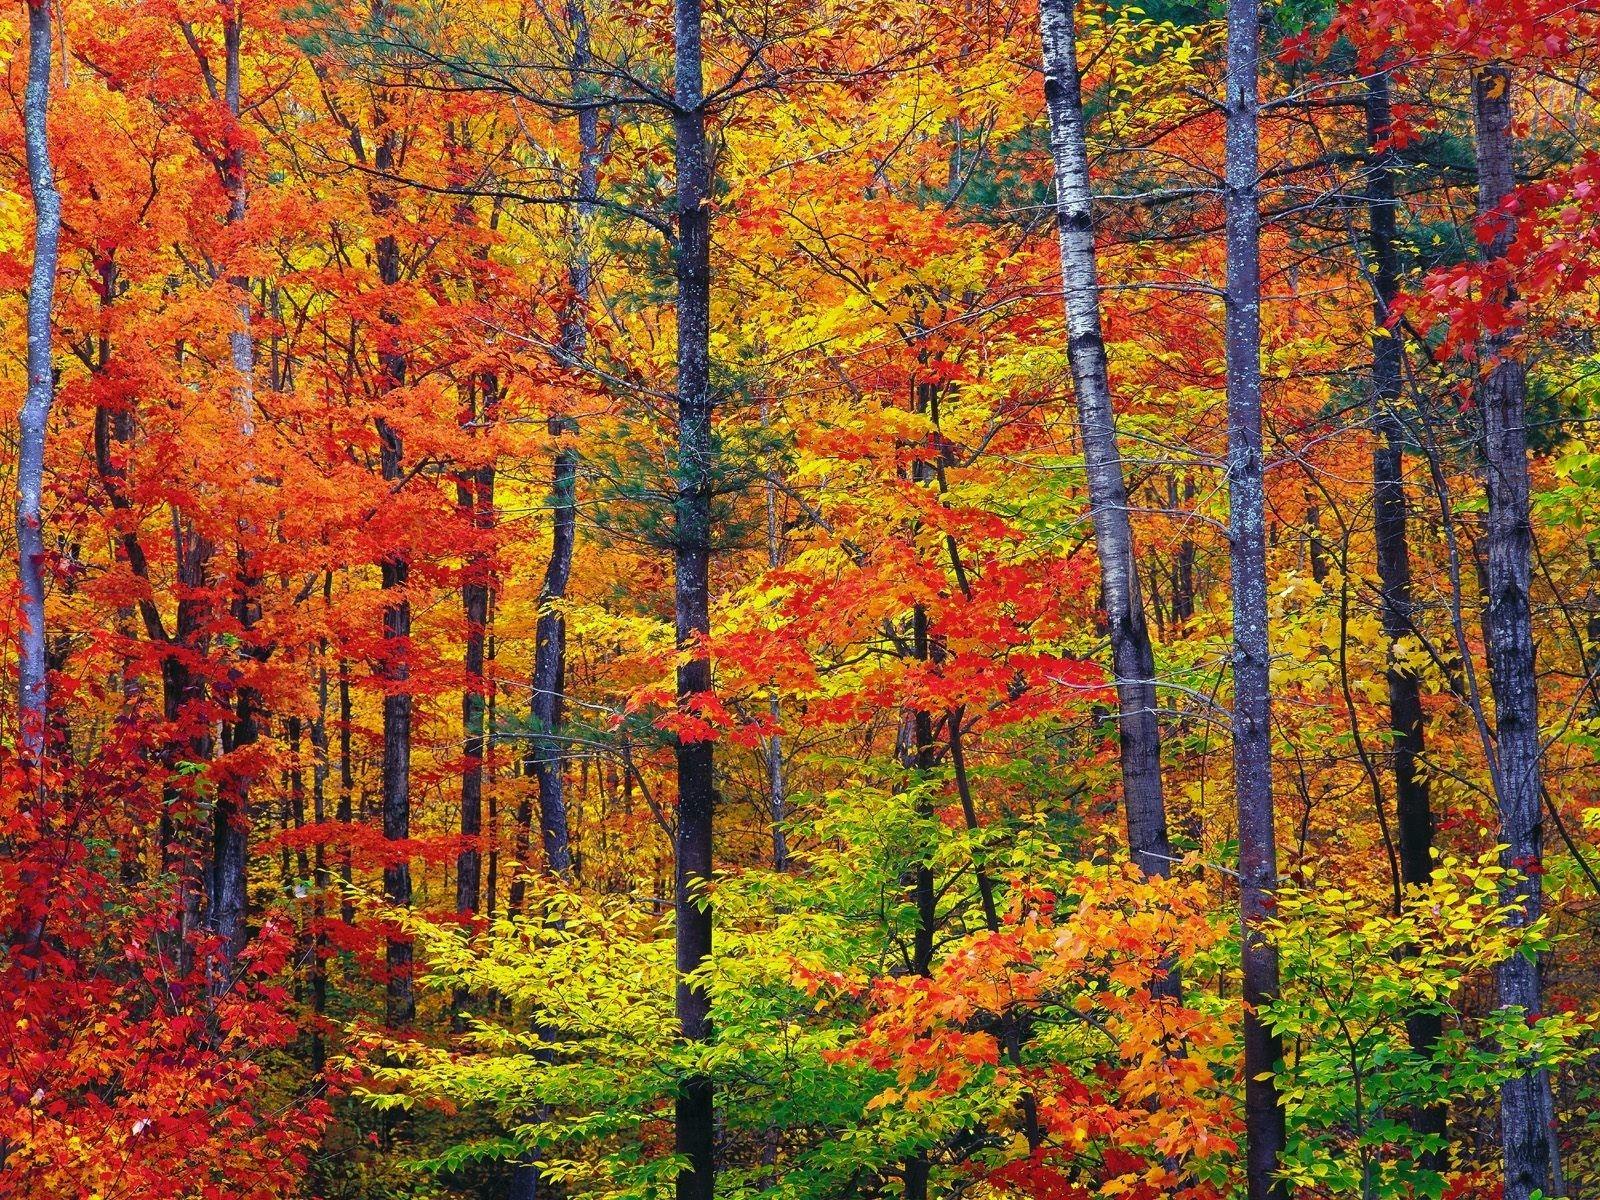 Hintergrundbilder Baume Wald Blatter Holz Stamme Baum Herbst